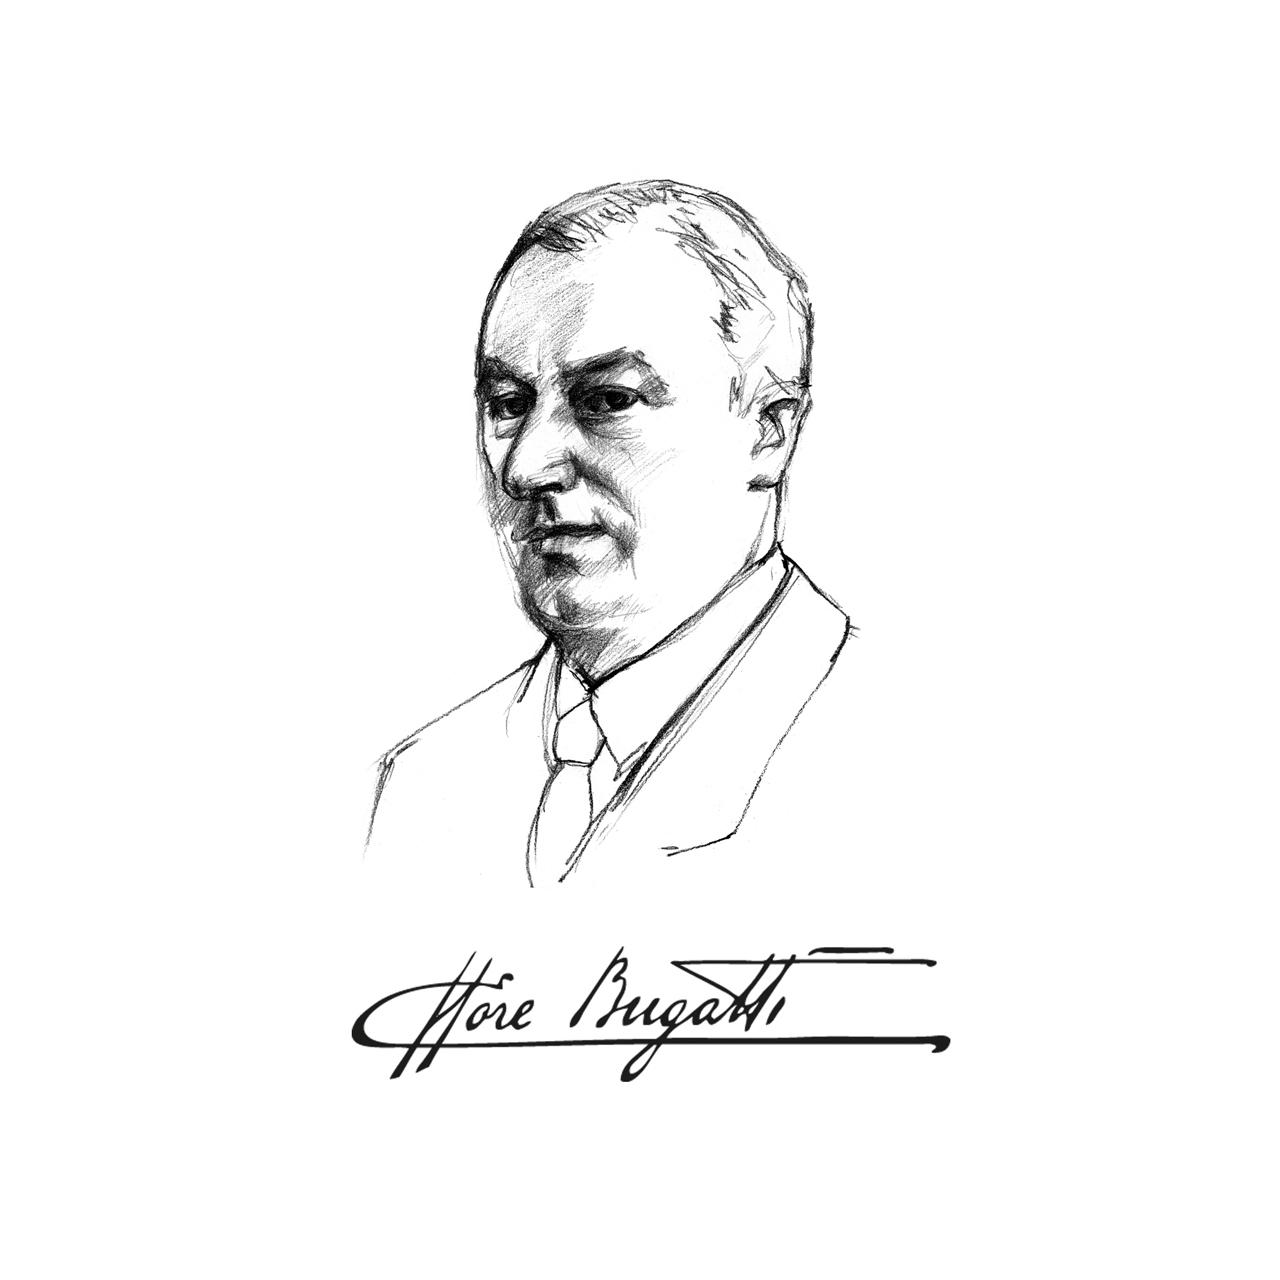 Ettore Bugatti design Sketch